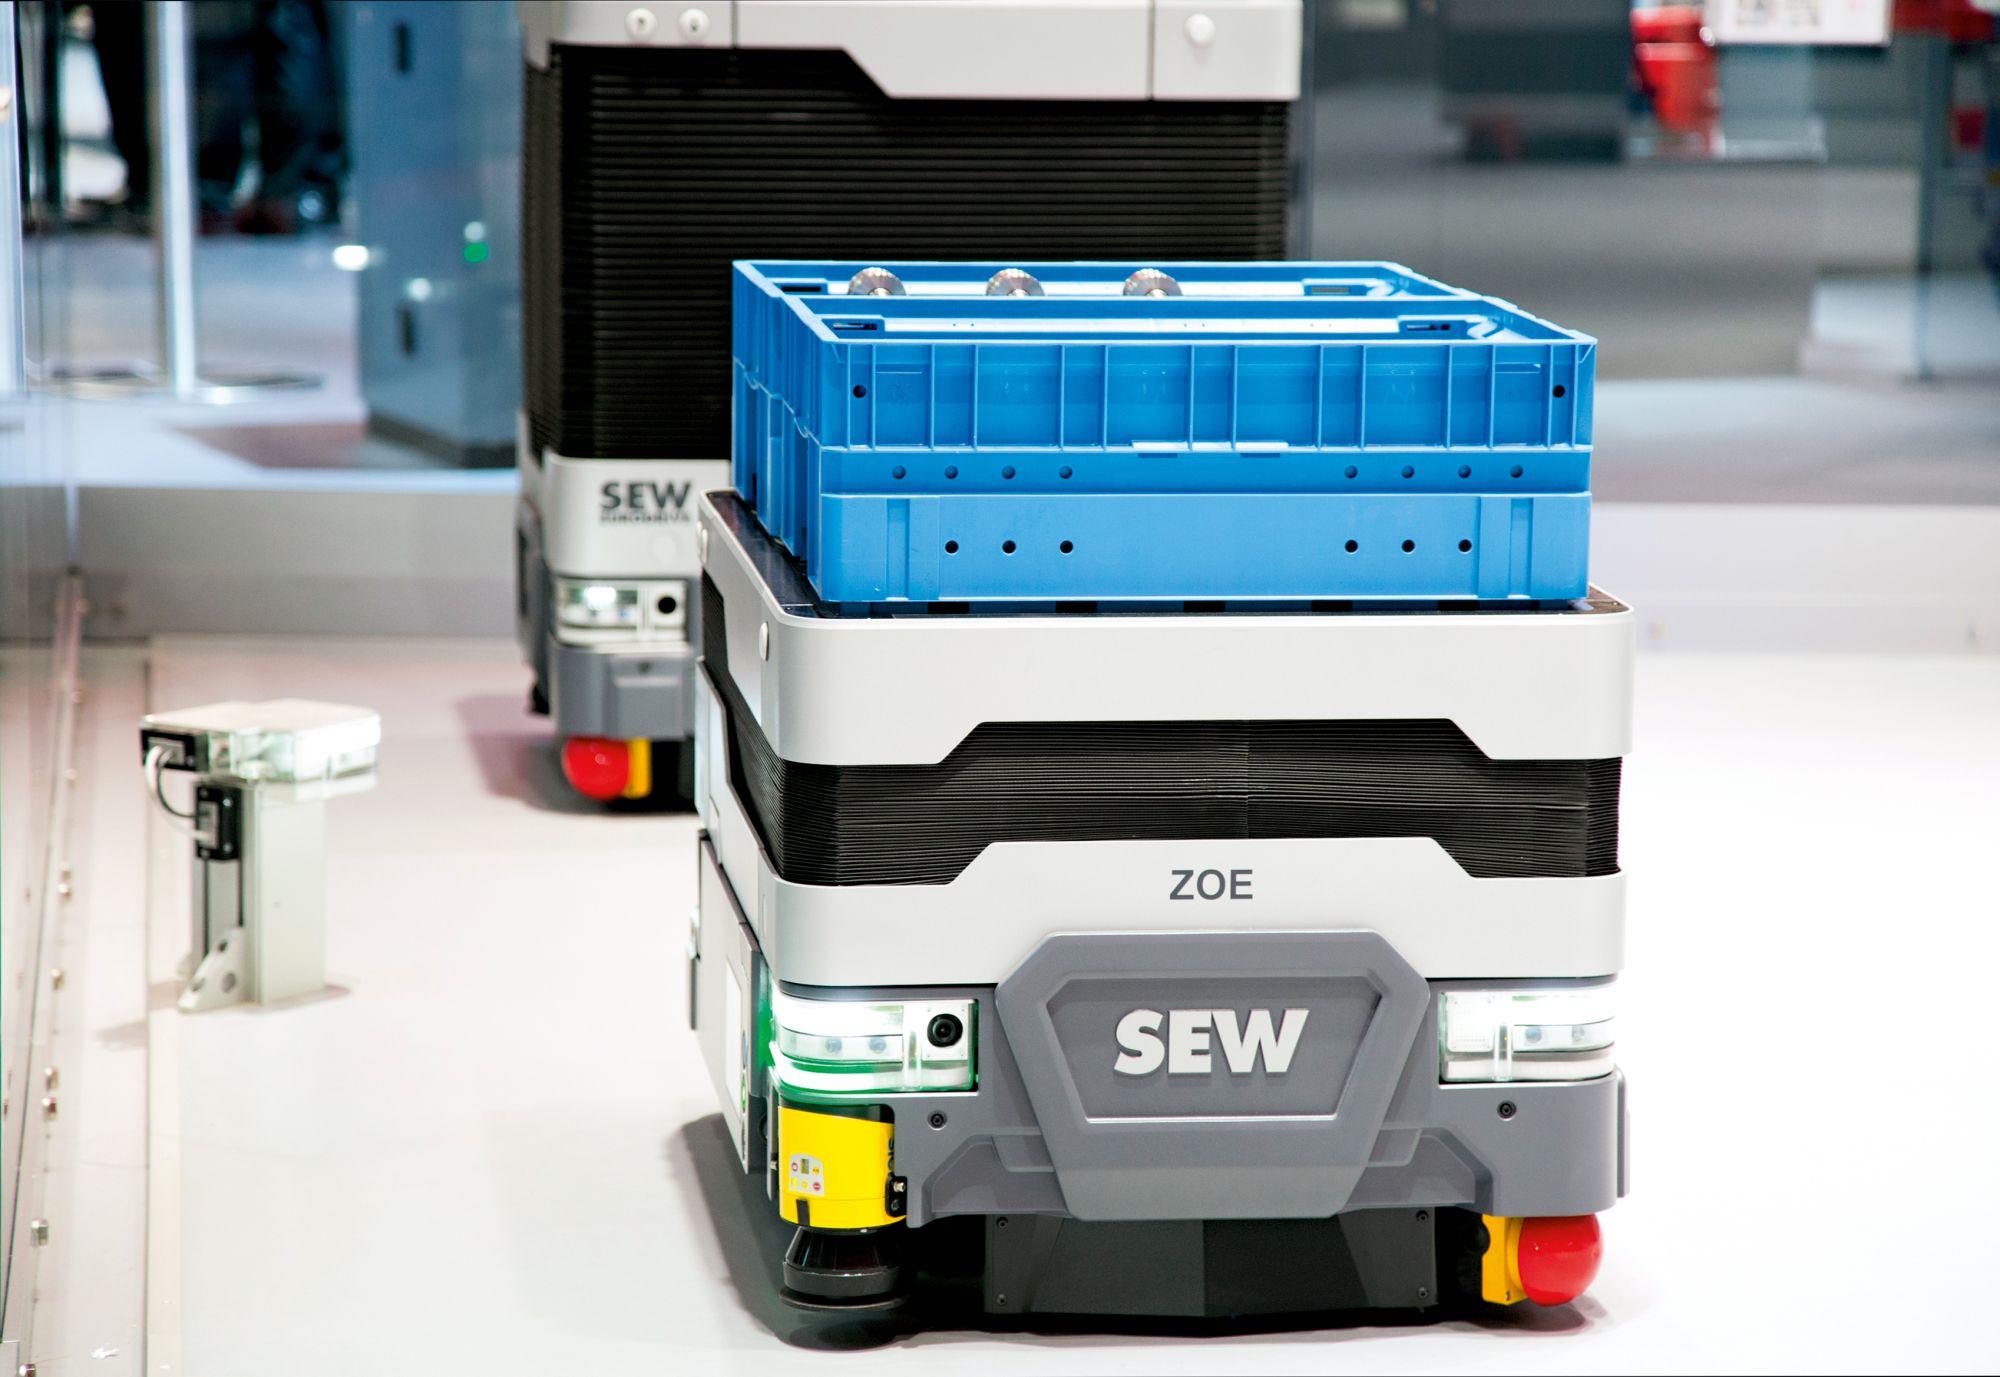 Automatisierungsbaukasten Movi-C für die Rotorbestückung